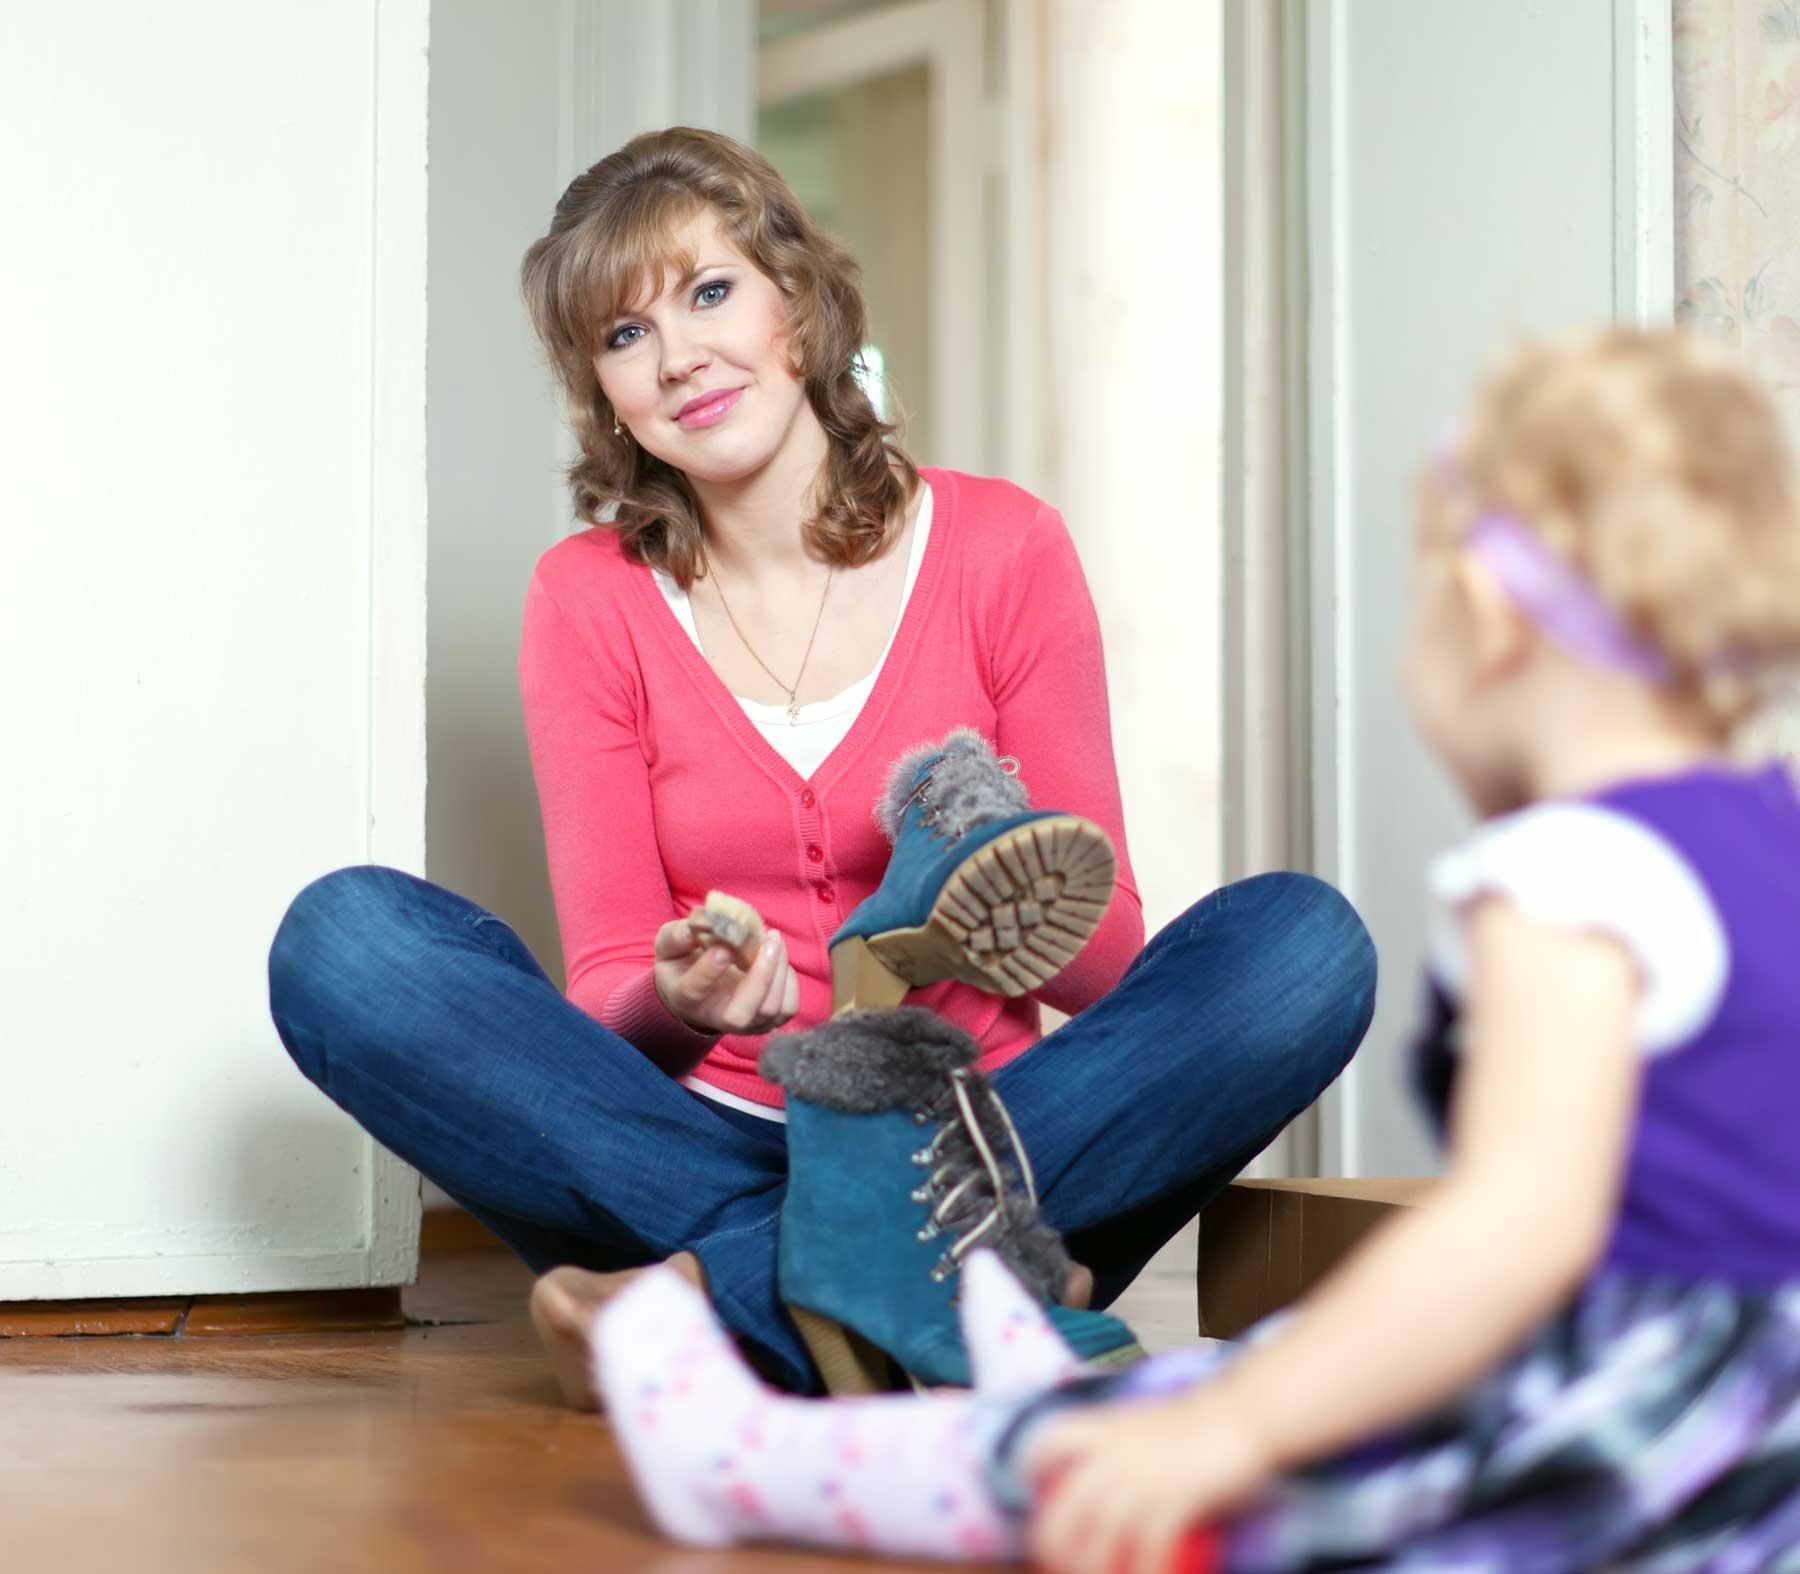 limpiar-y-ordenar-con-hijos